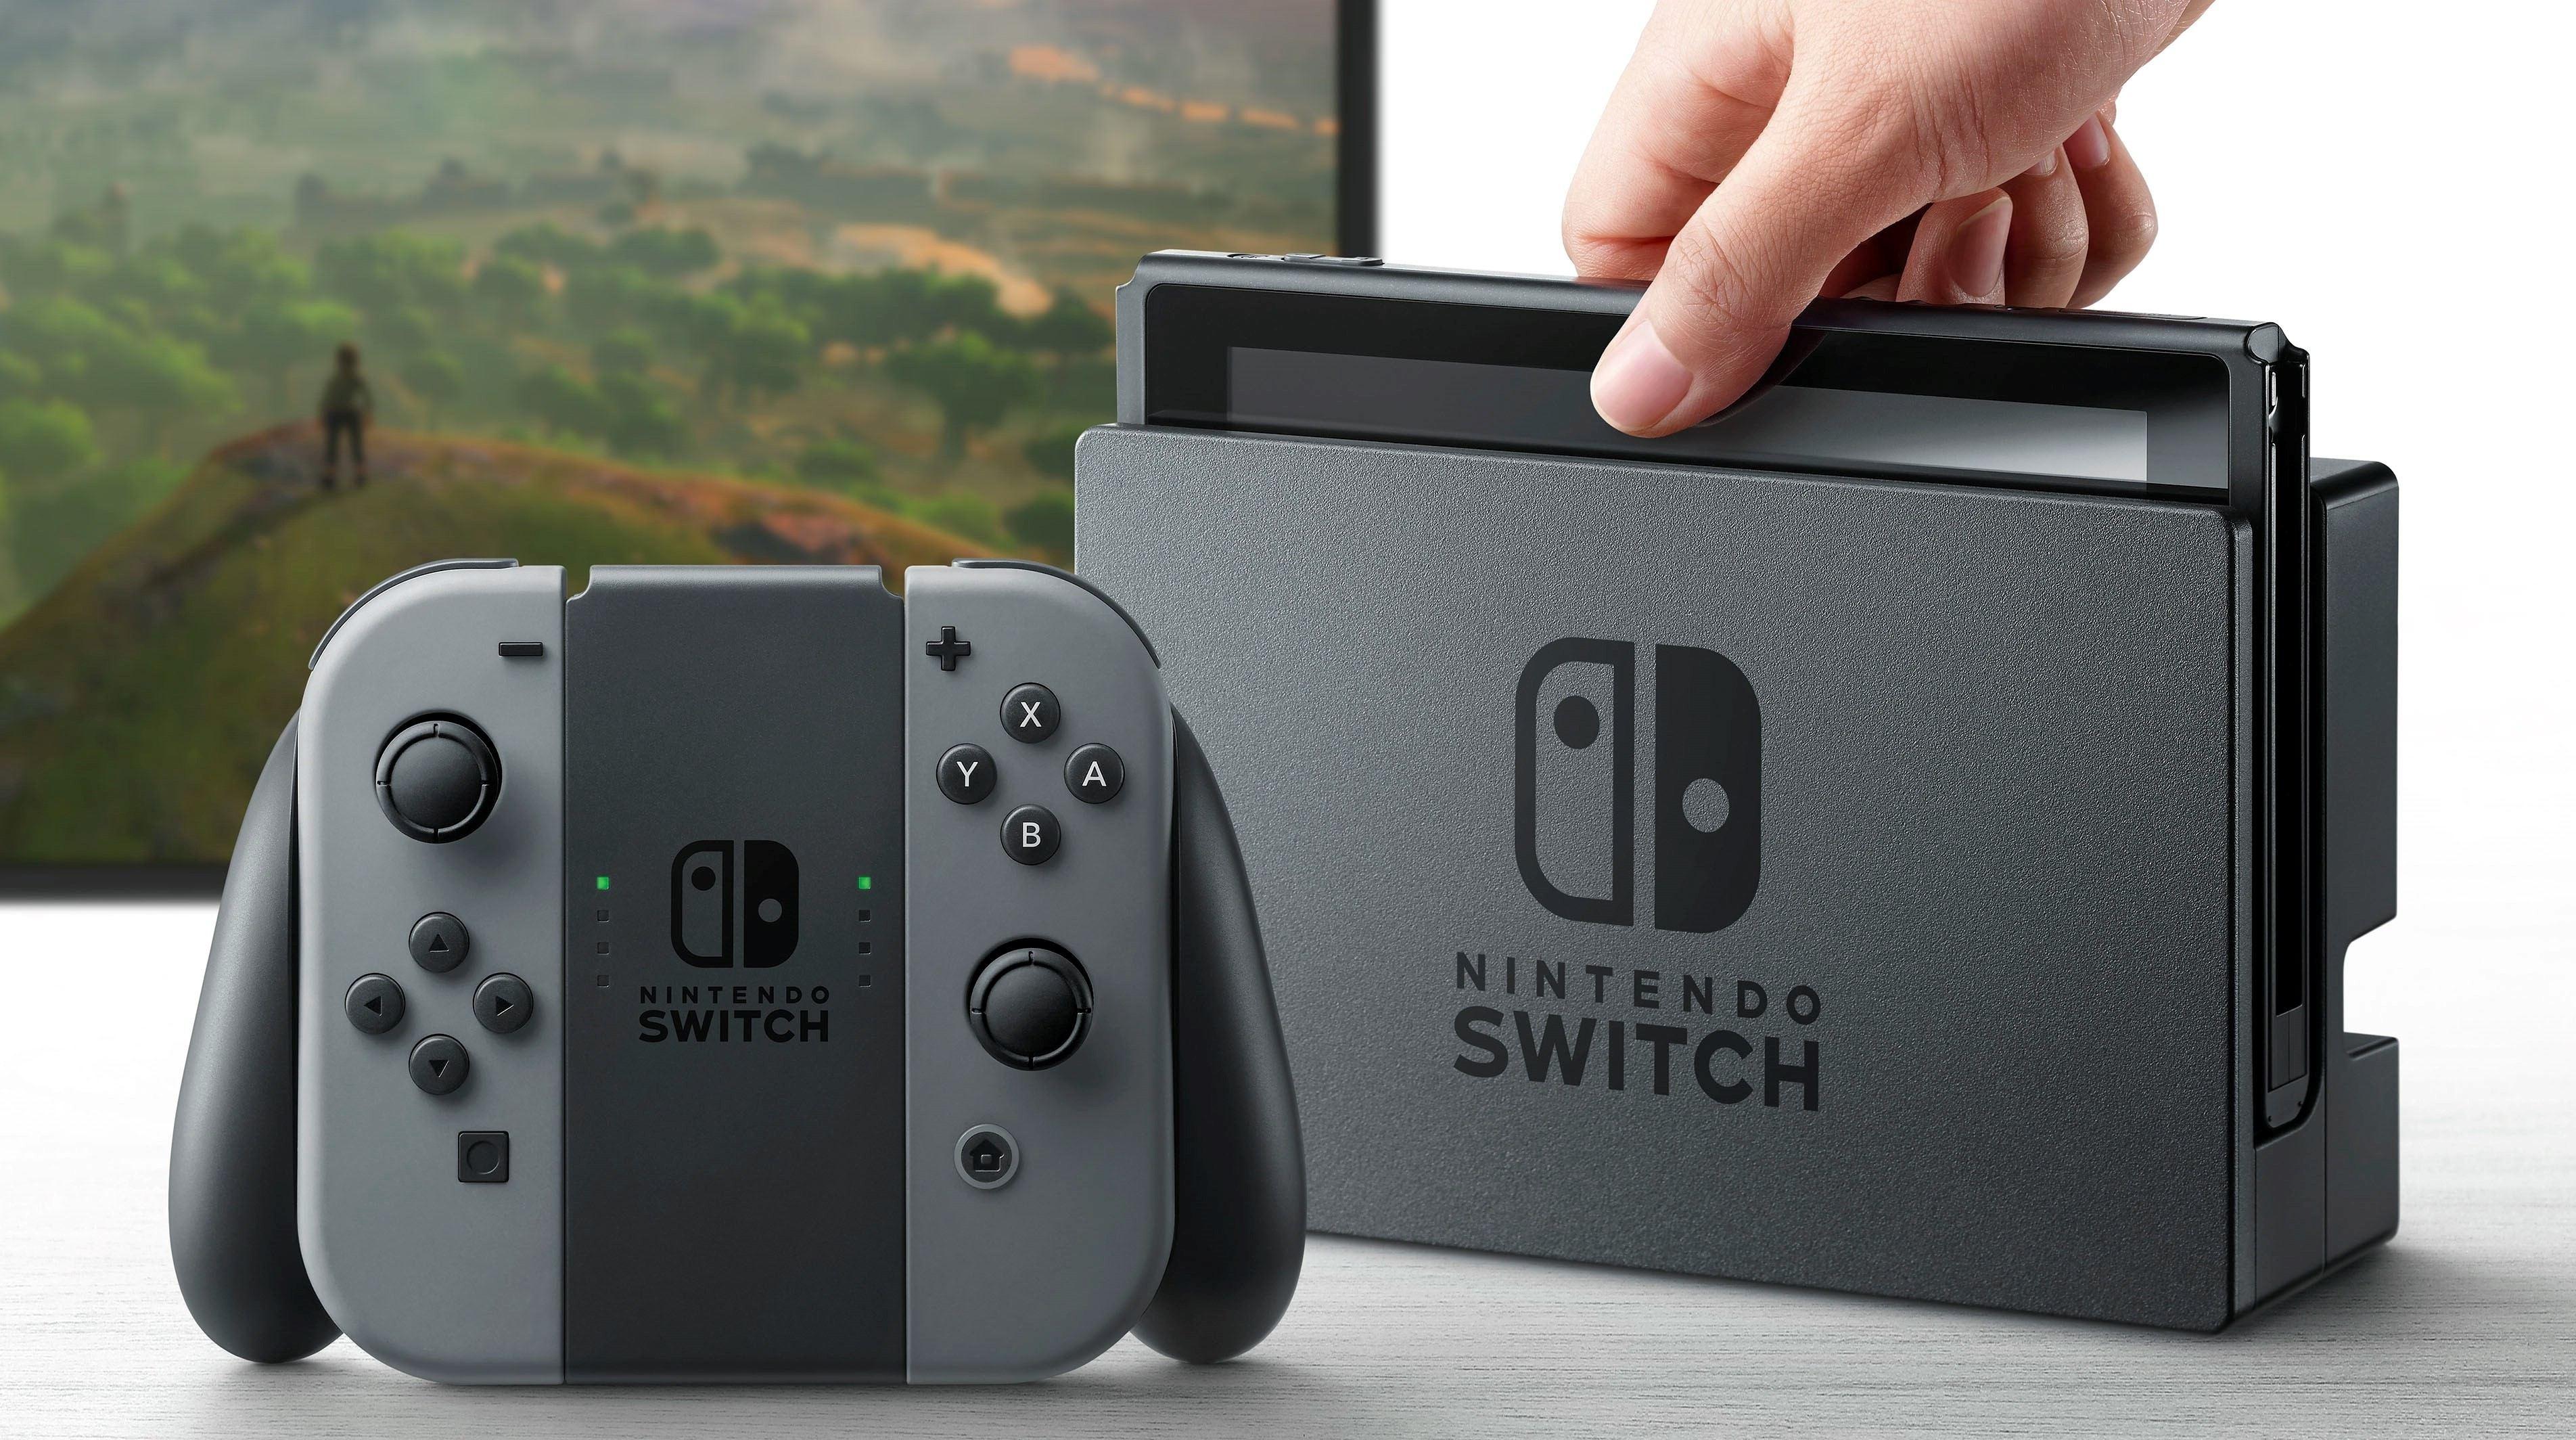 Nintendo Switch: Hardware-Specs und weitere Details geleakt?